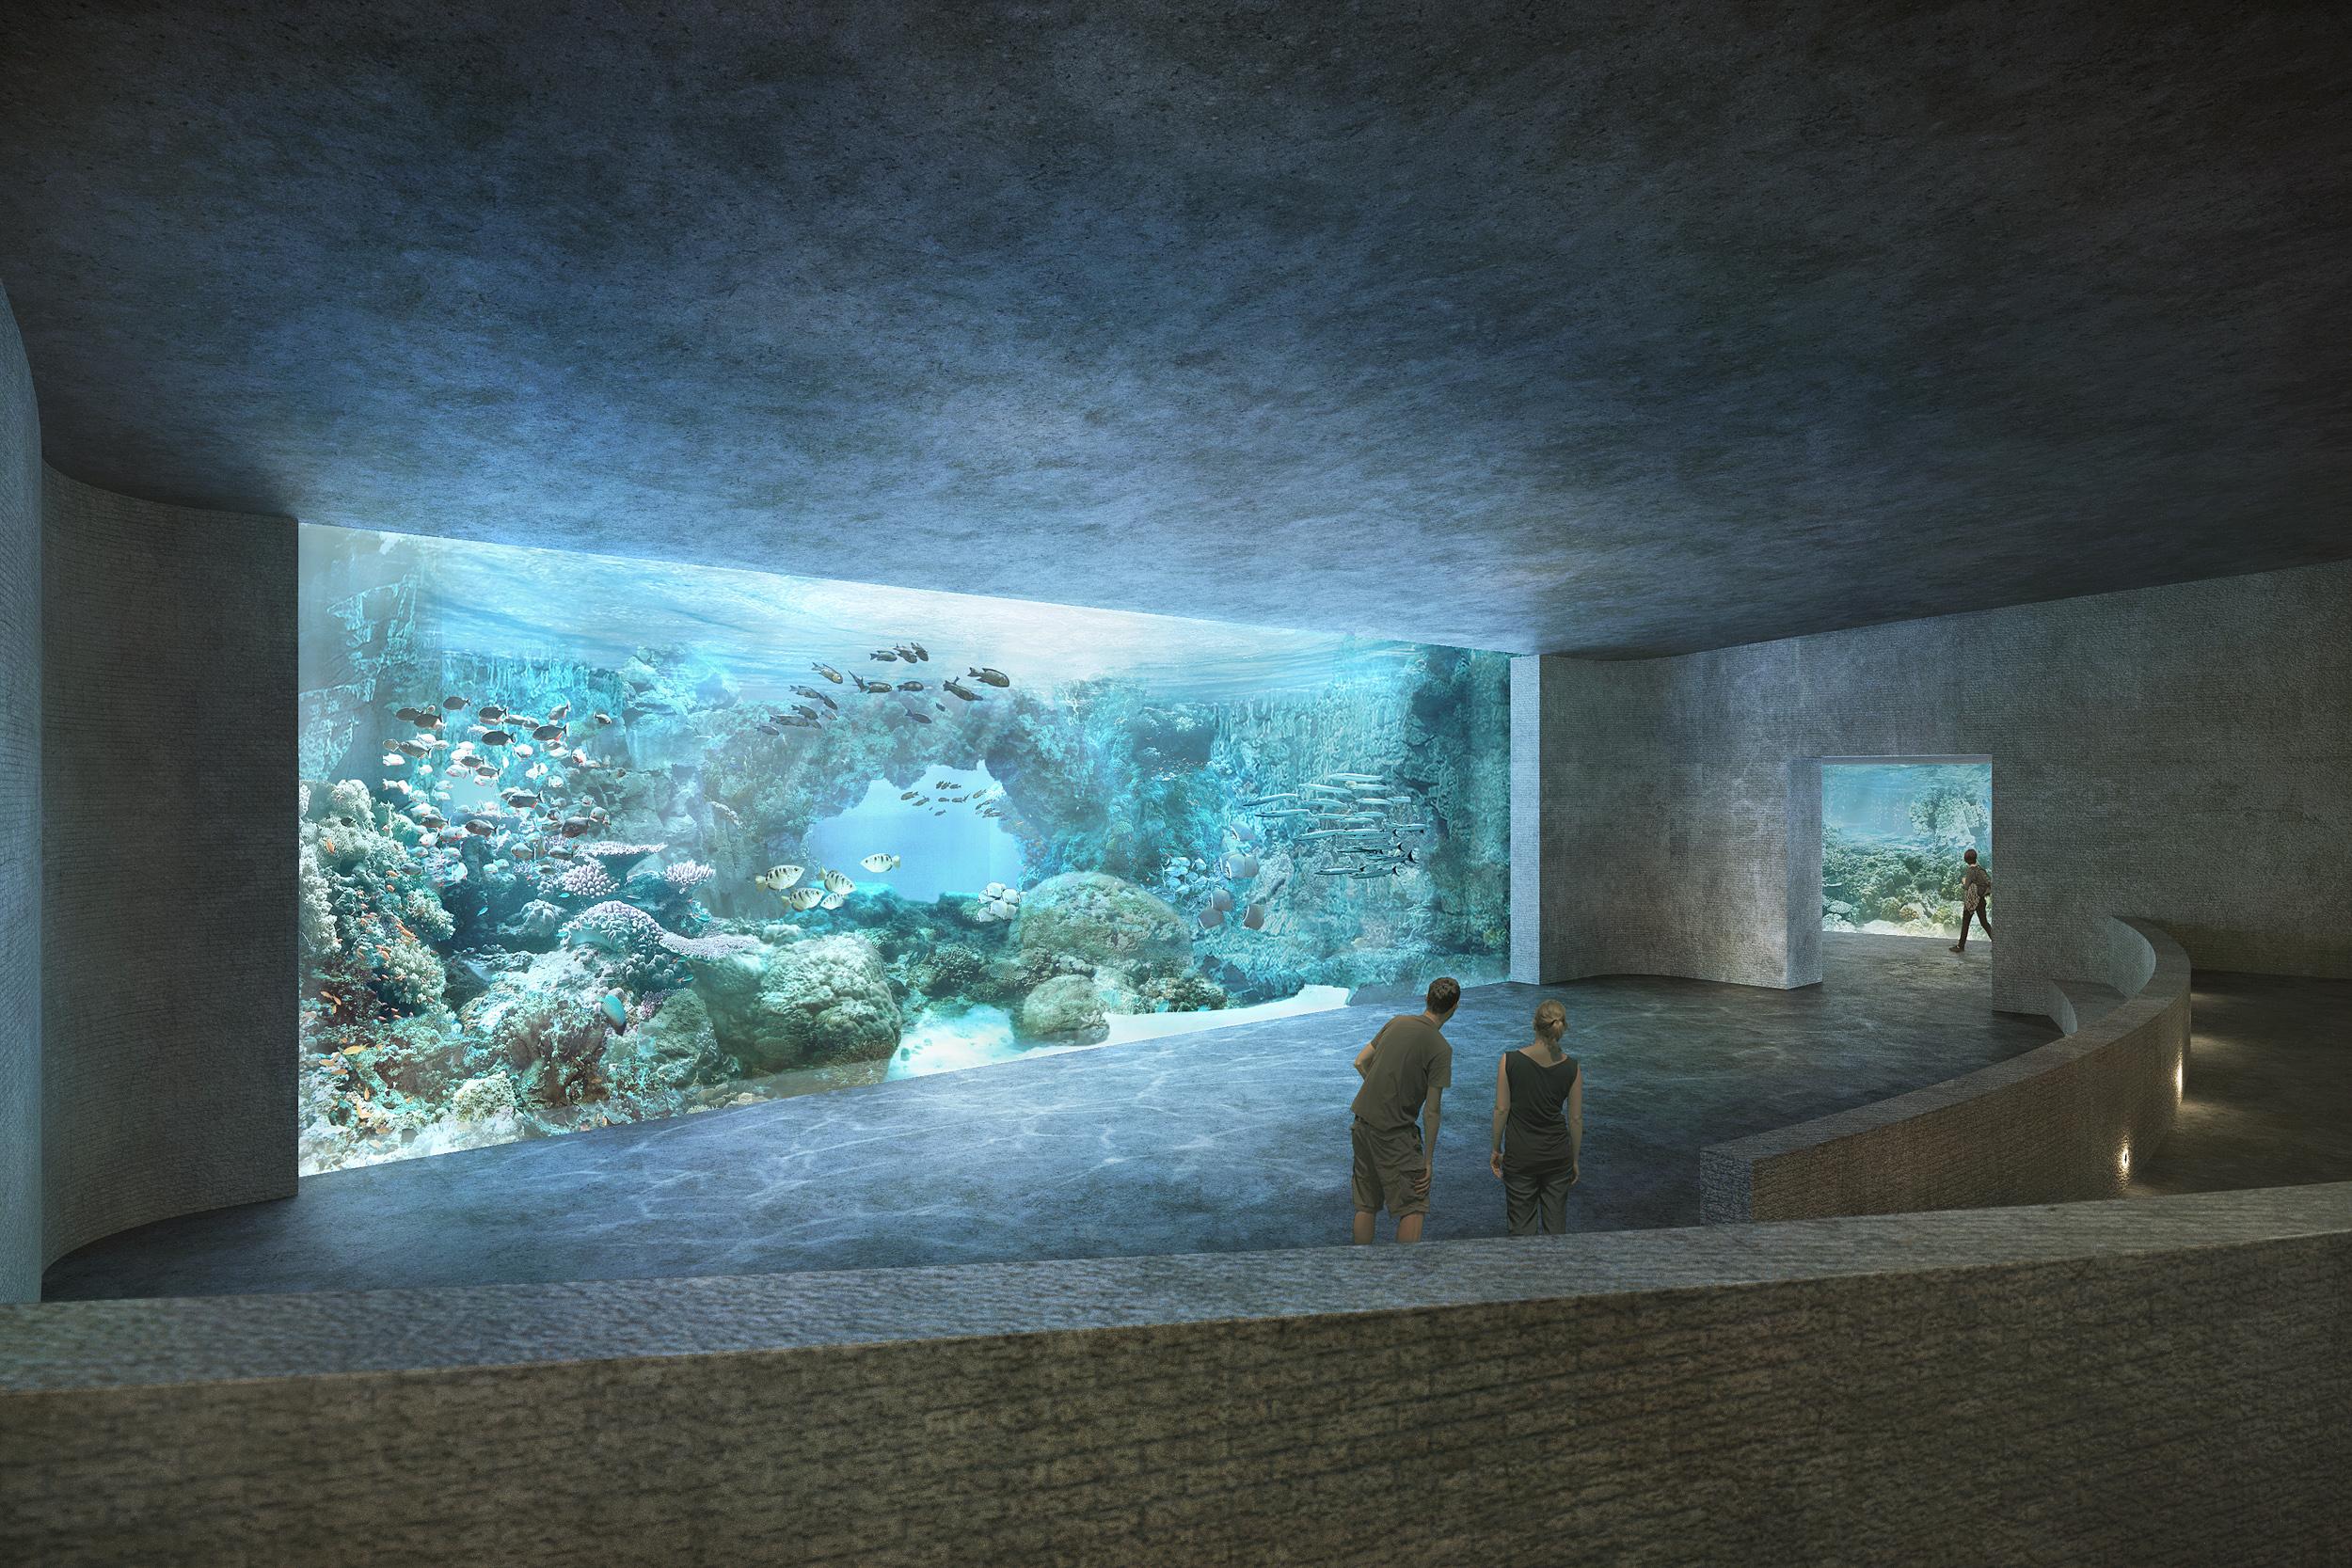 Die Eröffnung des Ozeaniums ist frühestens für das Jahr 2024 geplant.